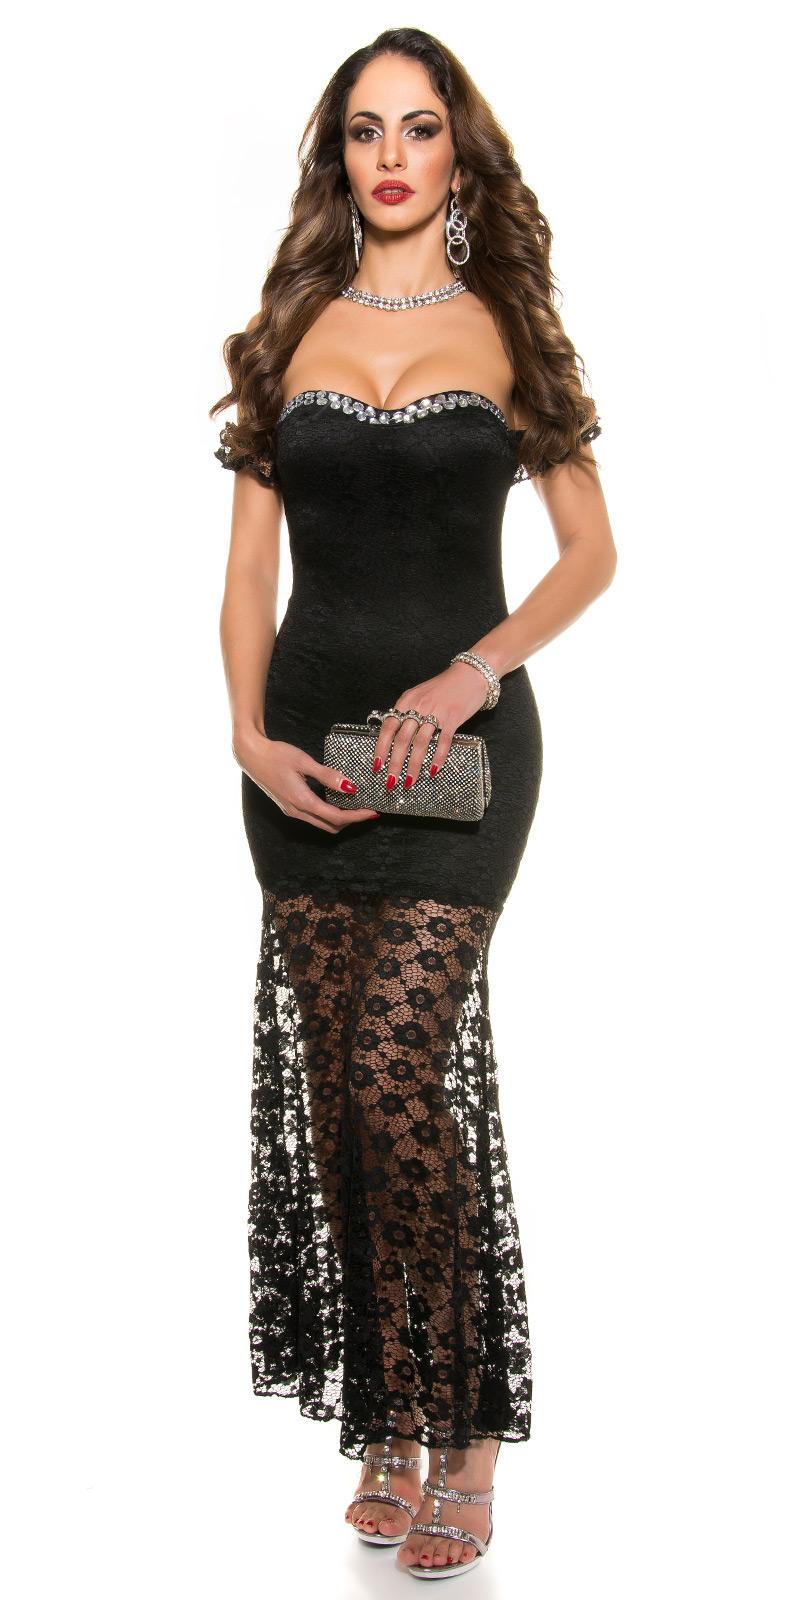 Společenské šaty dlouhé Koucla černá (Dámské šaty)